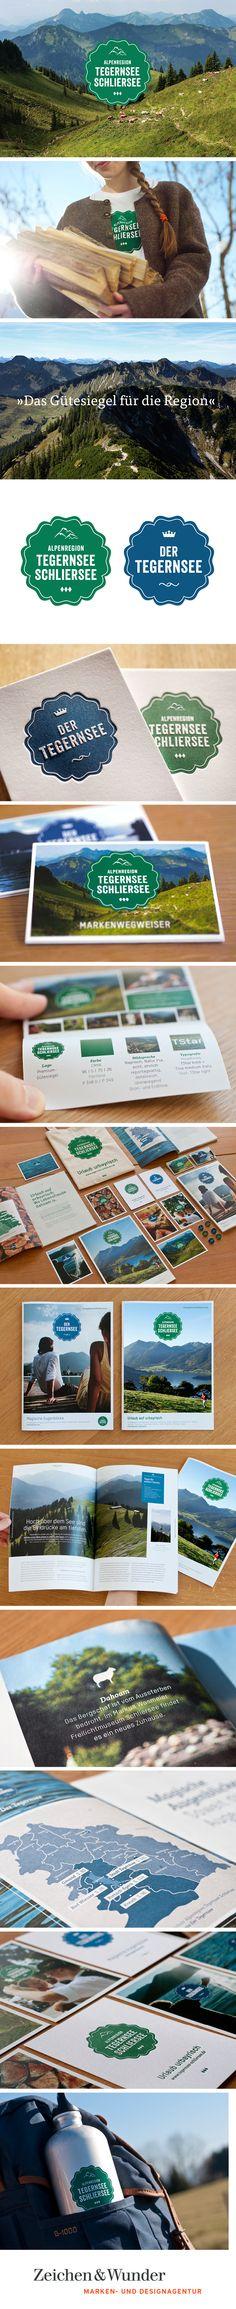 ALPENREGION TEGERNSEE SCHLIERSEE / Markenauftritt und Kommunikationskonzept / #Natur #Konzept #Packaging #Branding #Corporate #Design / by Zeichen & Wunder, München